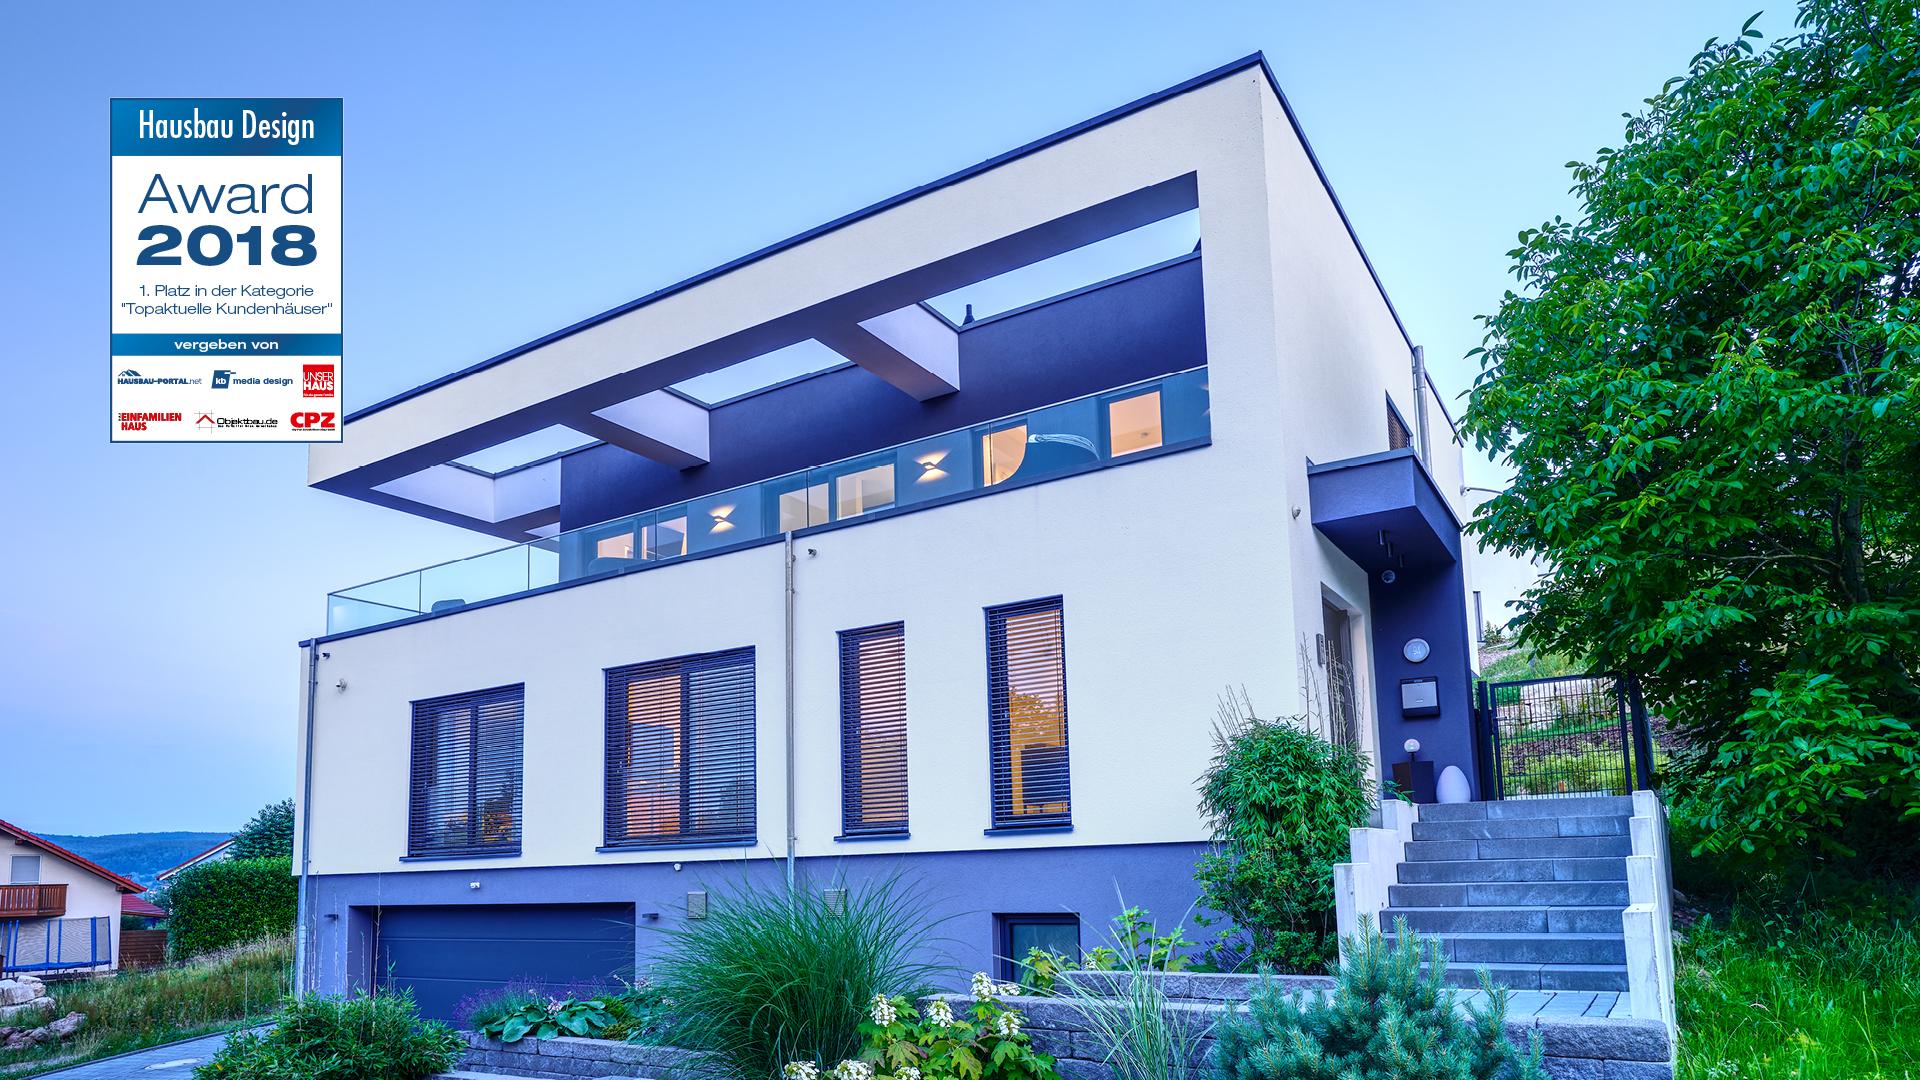 hausbau erfahrungen kosten huslbauer schauen aufs geld mancherorts sollten sie aber lieber. Black Bedroom Furniture Sets. Home Design Ideas